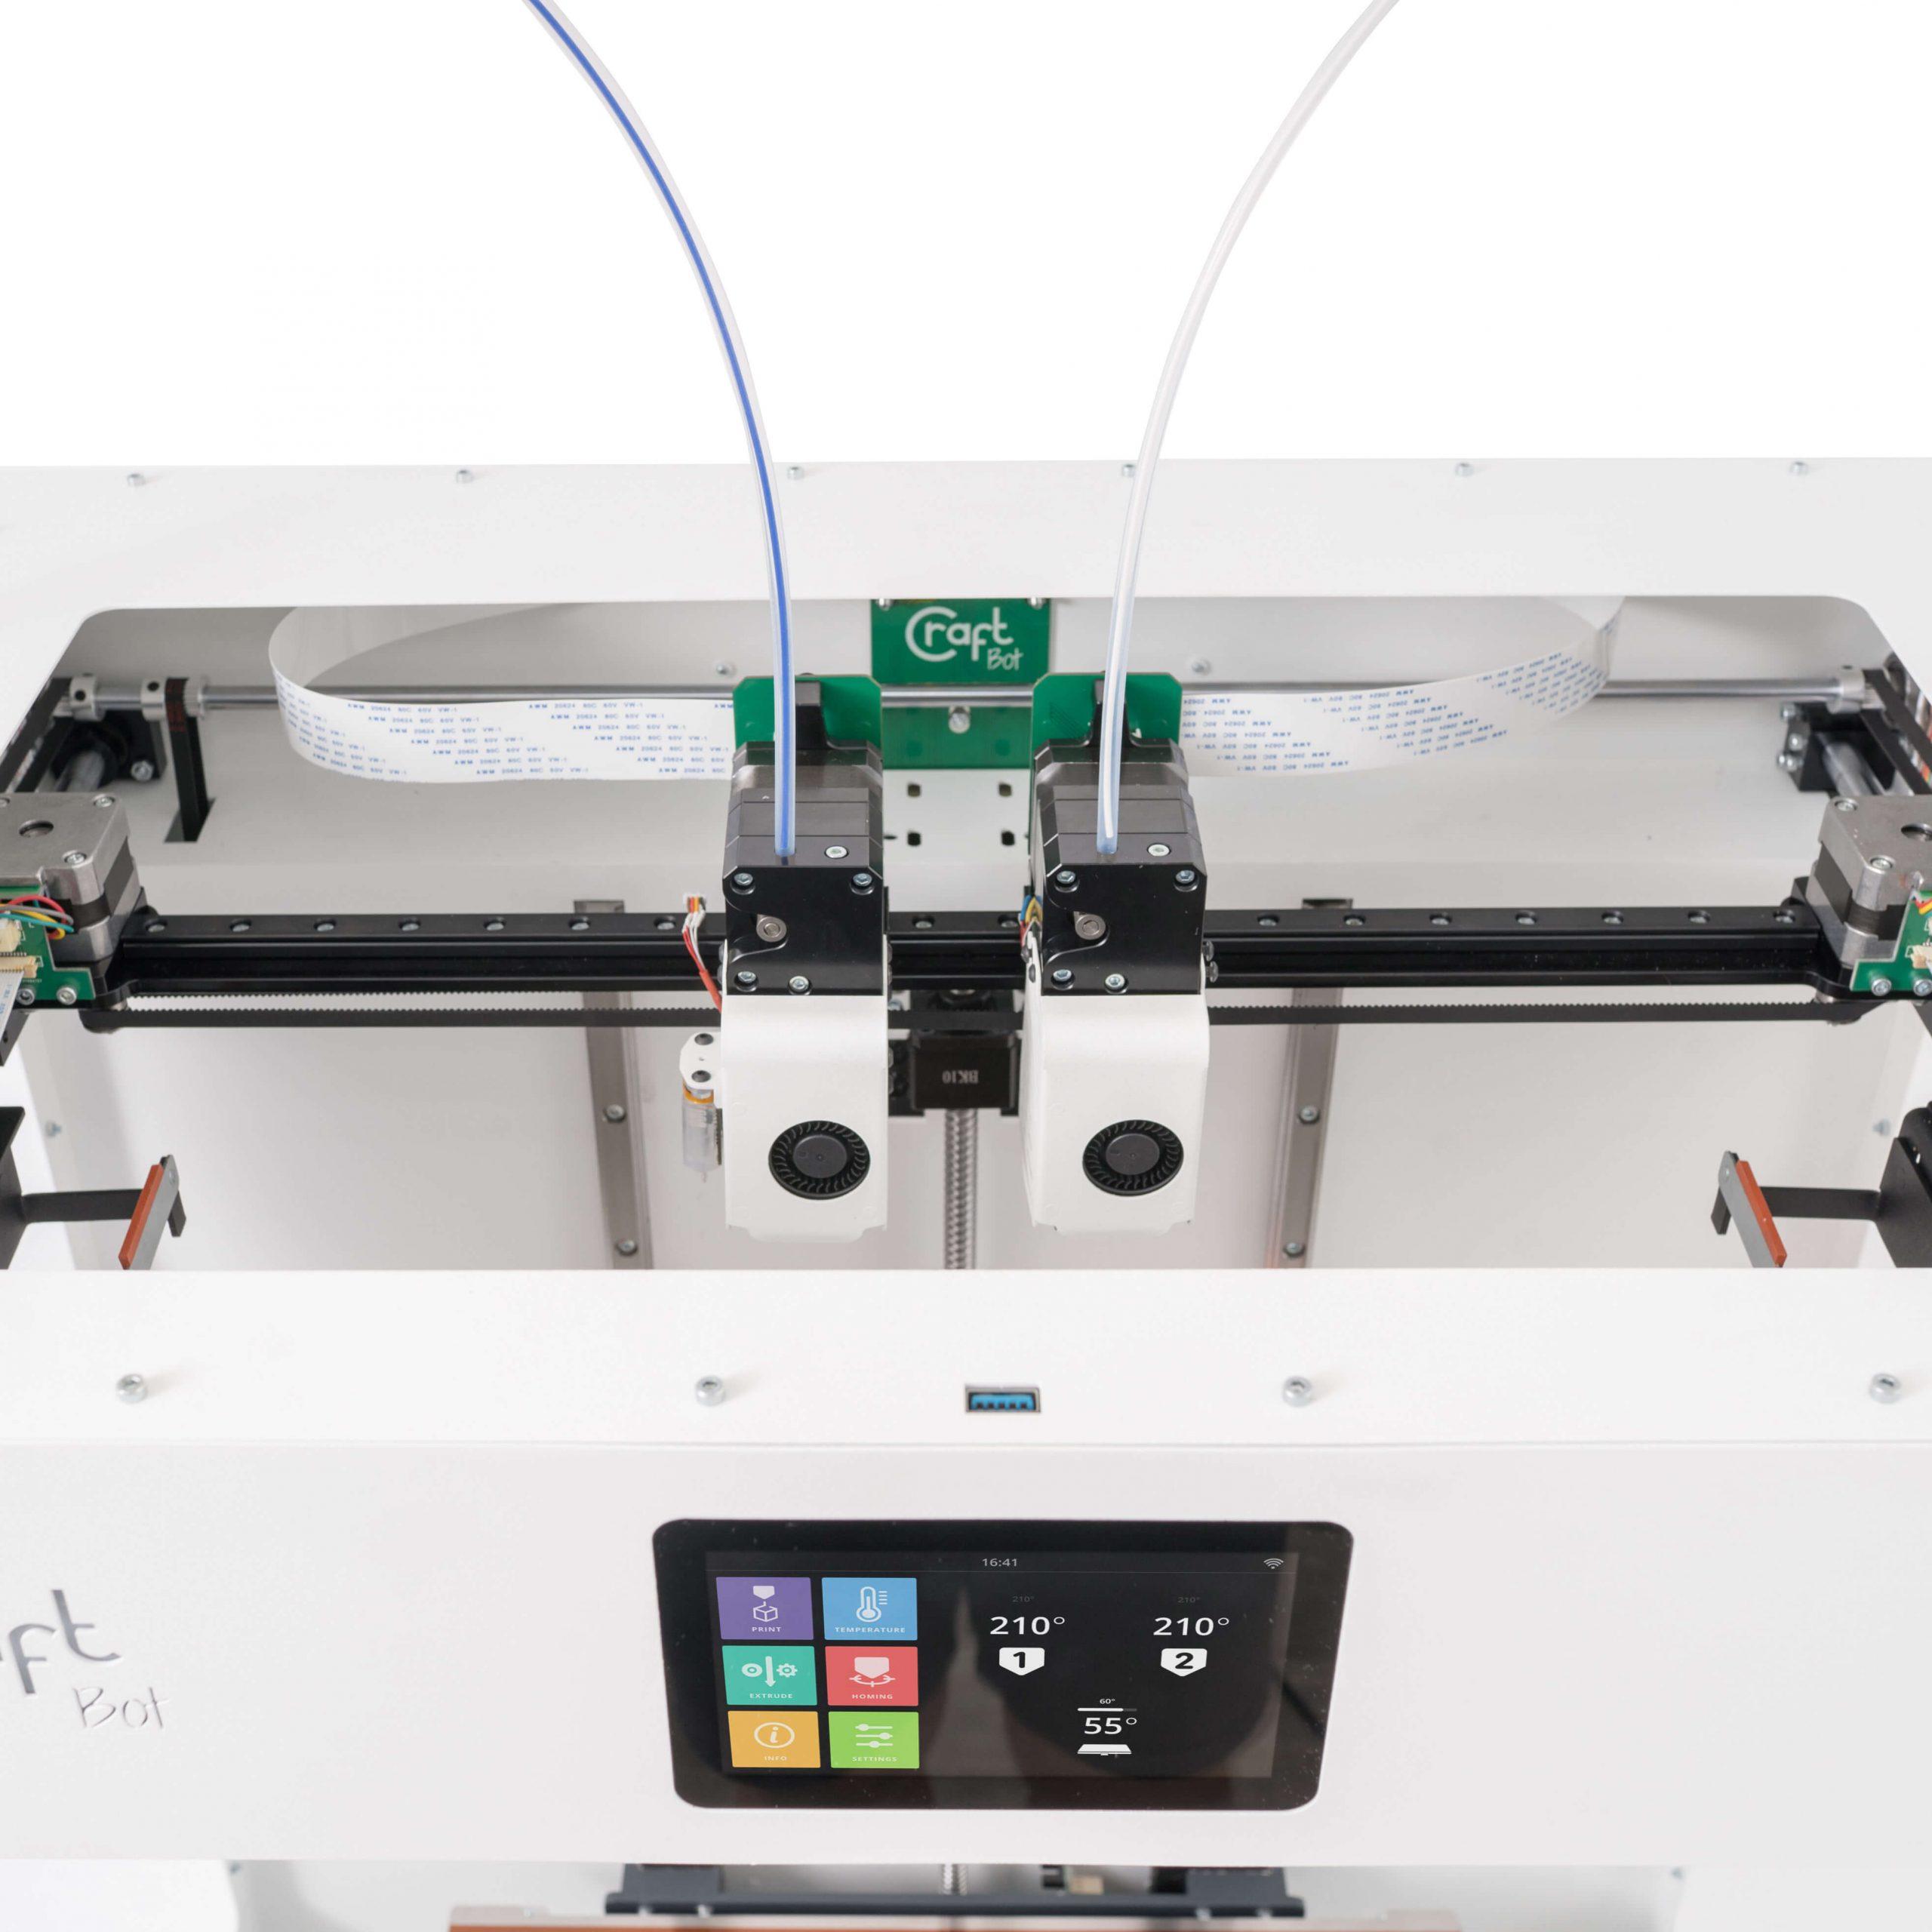 craftbot-flow-idex-xl-3d-drucker-rahmen.jpg